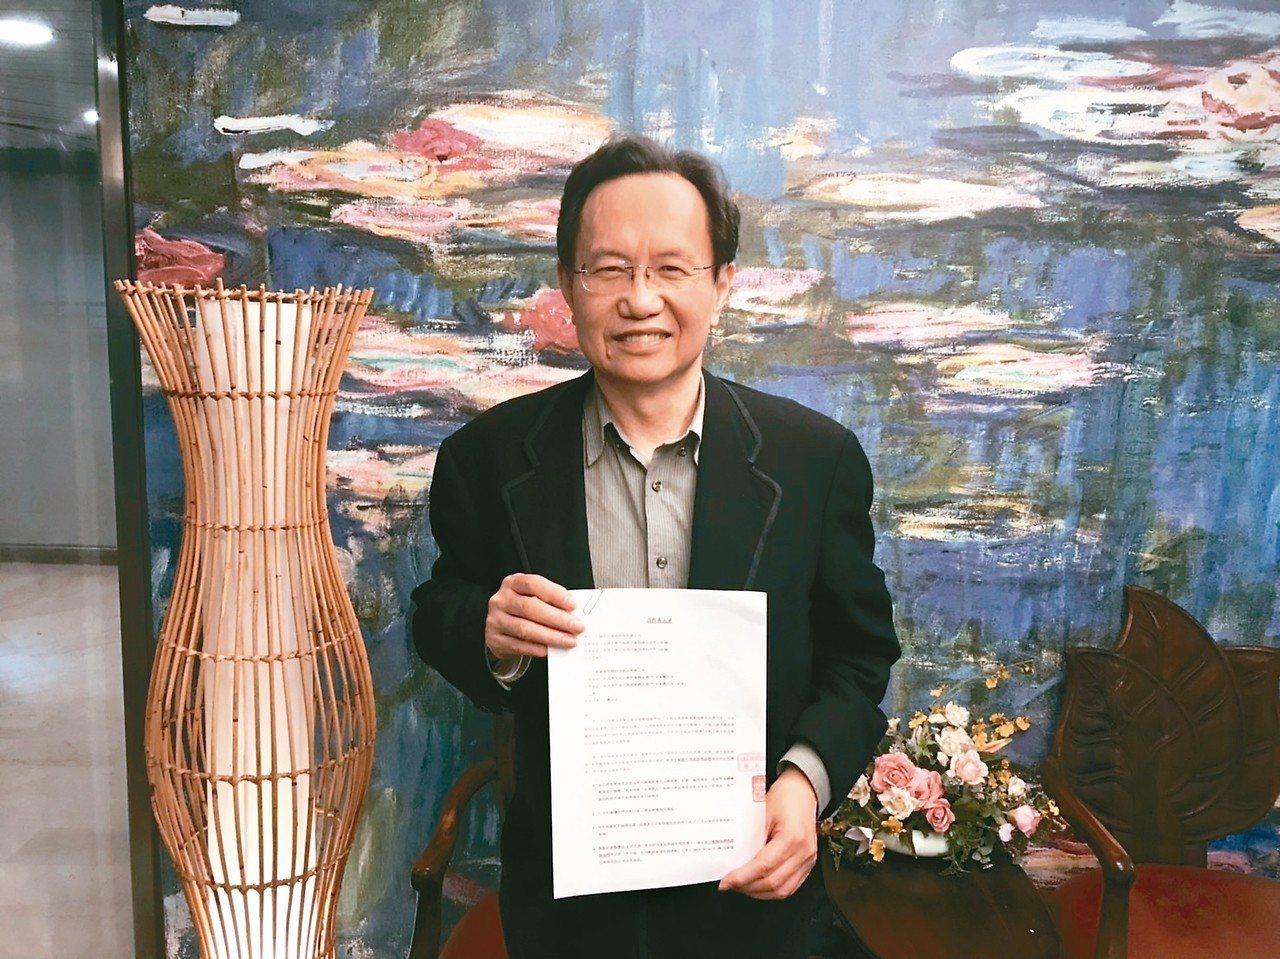 台灣伊莉特生技創辦人蔡志弘與上海東方電視購物公司簽署合作備忘錄,協助銷售台灣商品...